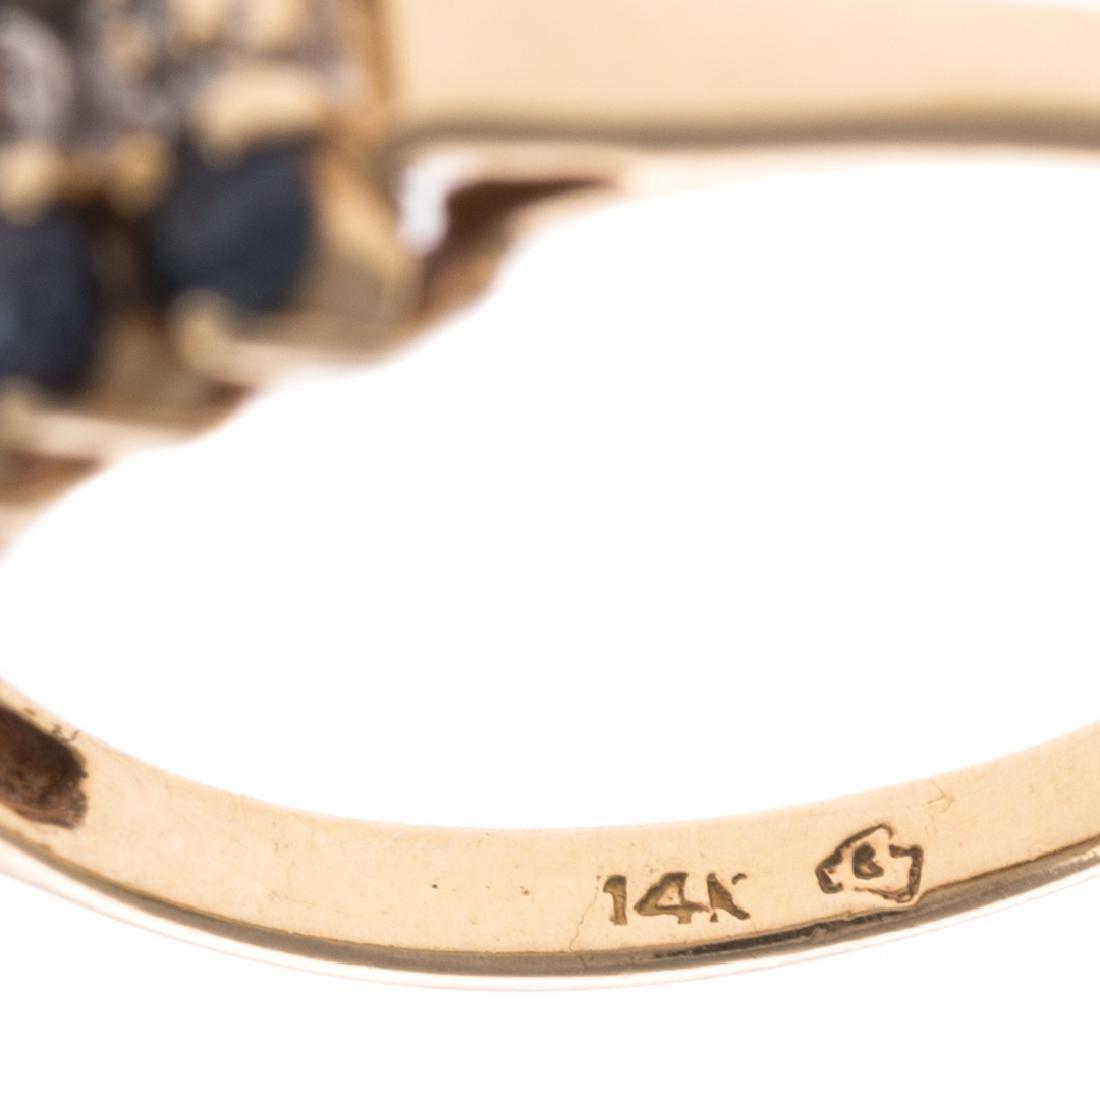 A Pair of 14K Gemstone & Diamond Cluster Rings - 4